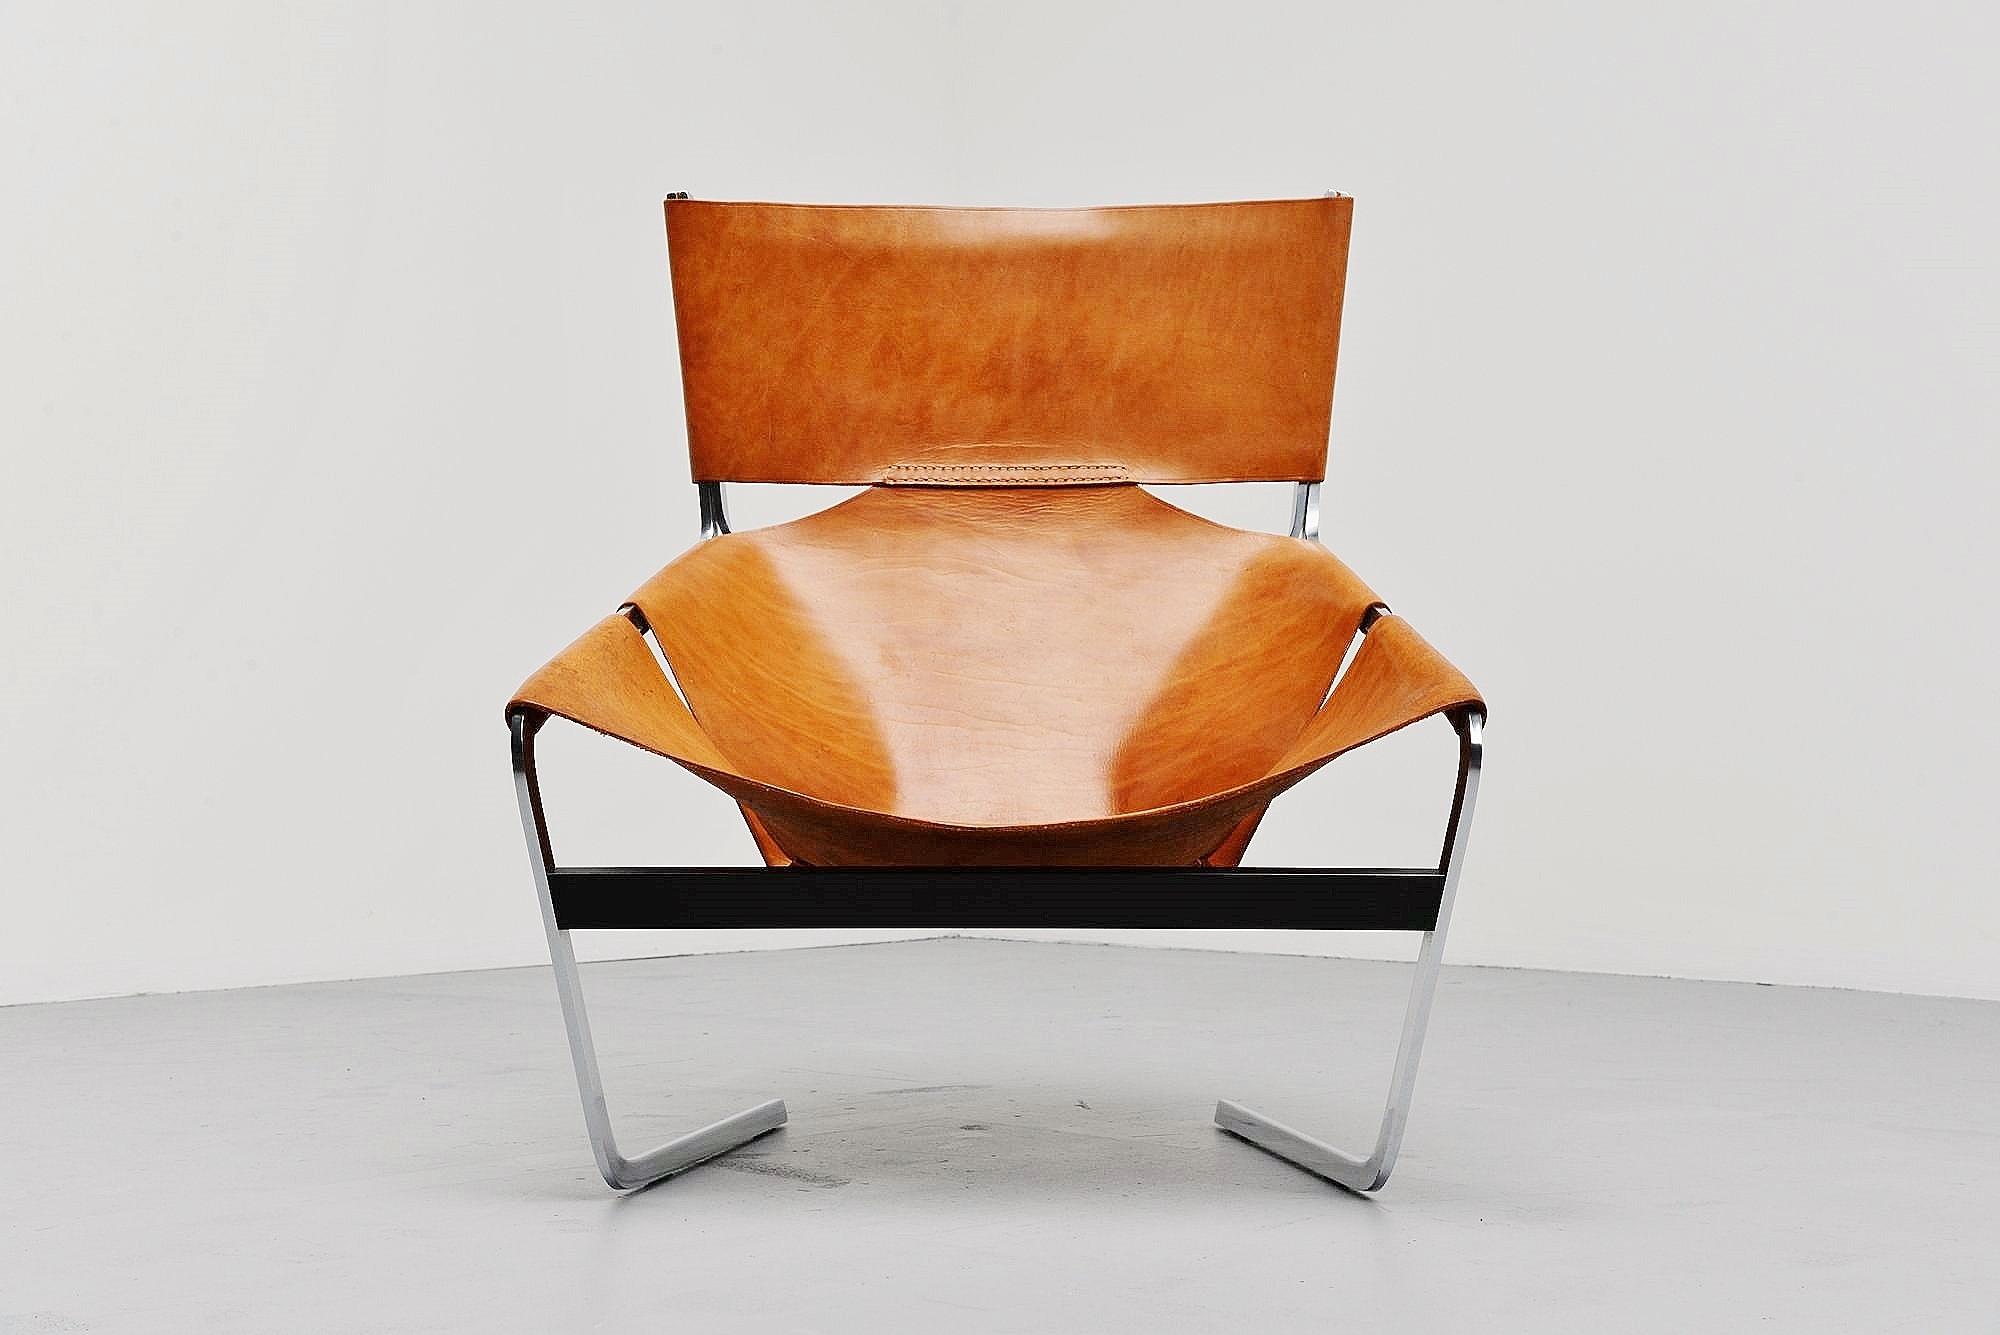 Pierre Paulin F444 Lounge Chair Artifort 1963